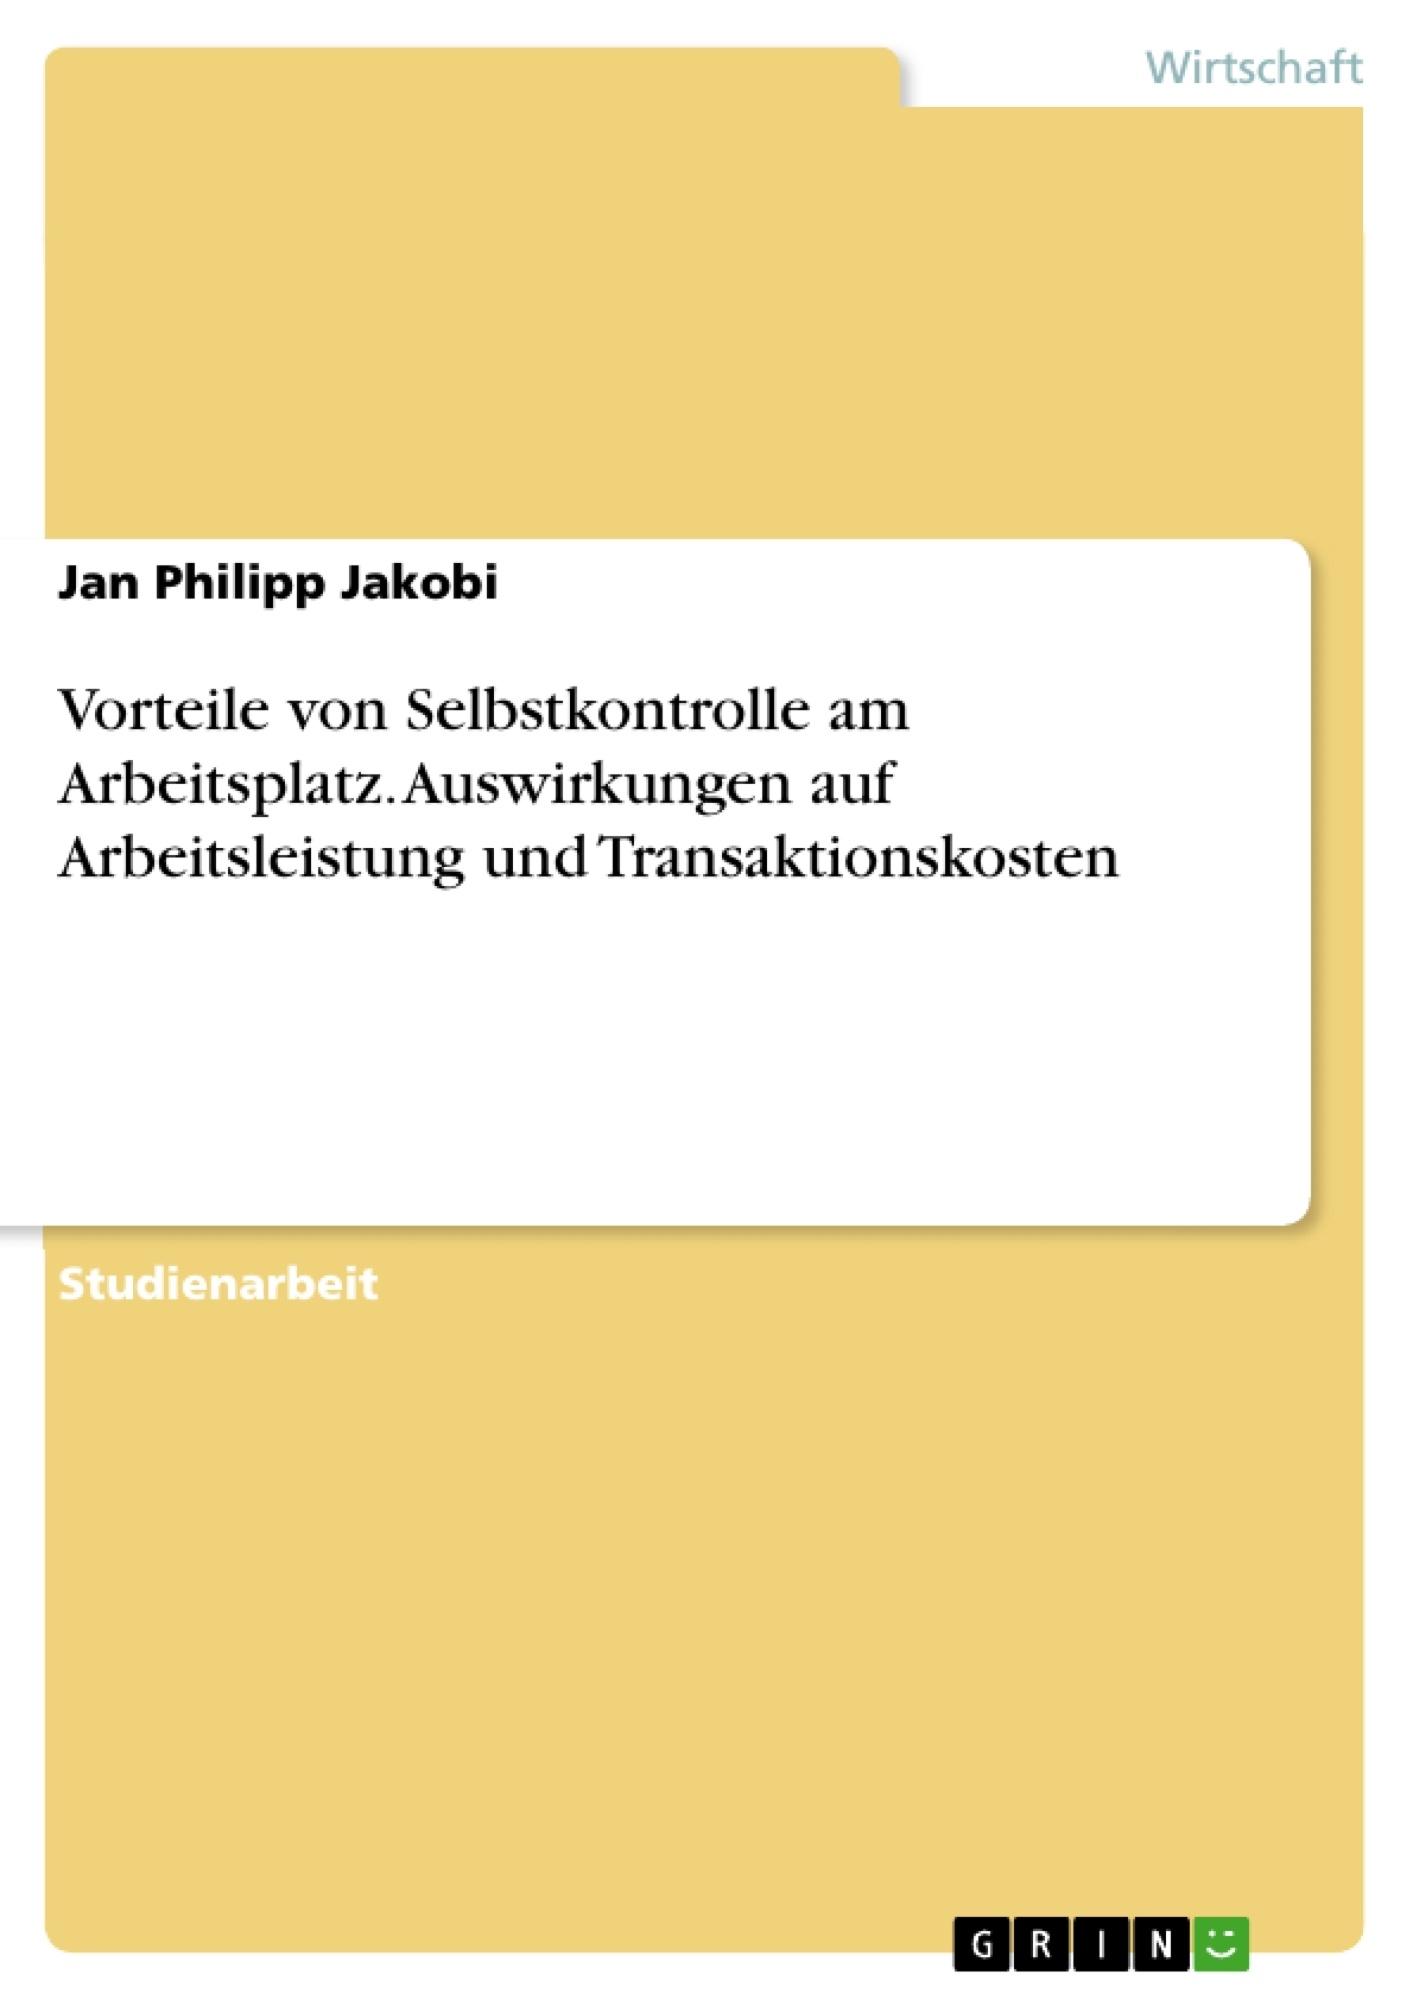 Titel: Vorteile von Selbstkontrolle am Arbeitsplatz. Auswirkungen auf Arbeitsleistung und Transaktionskosten